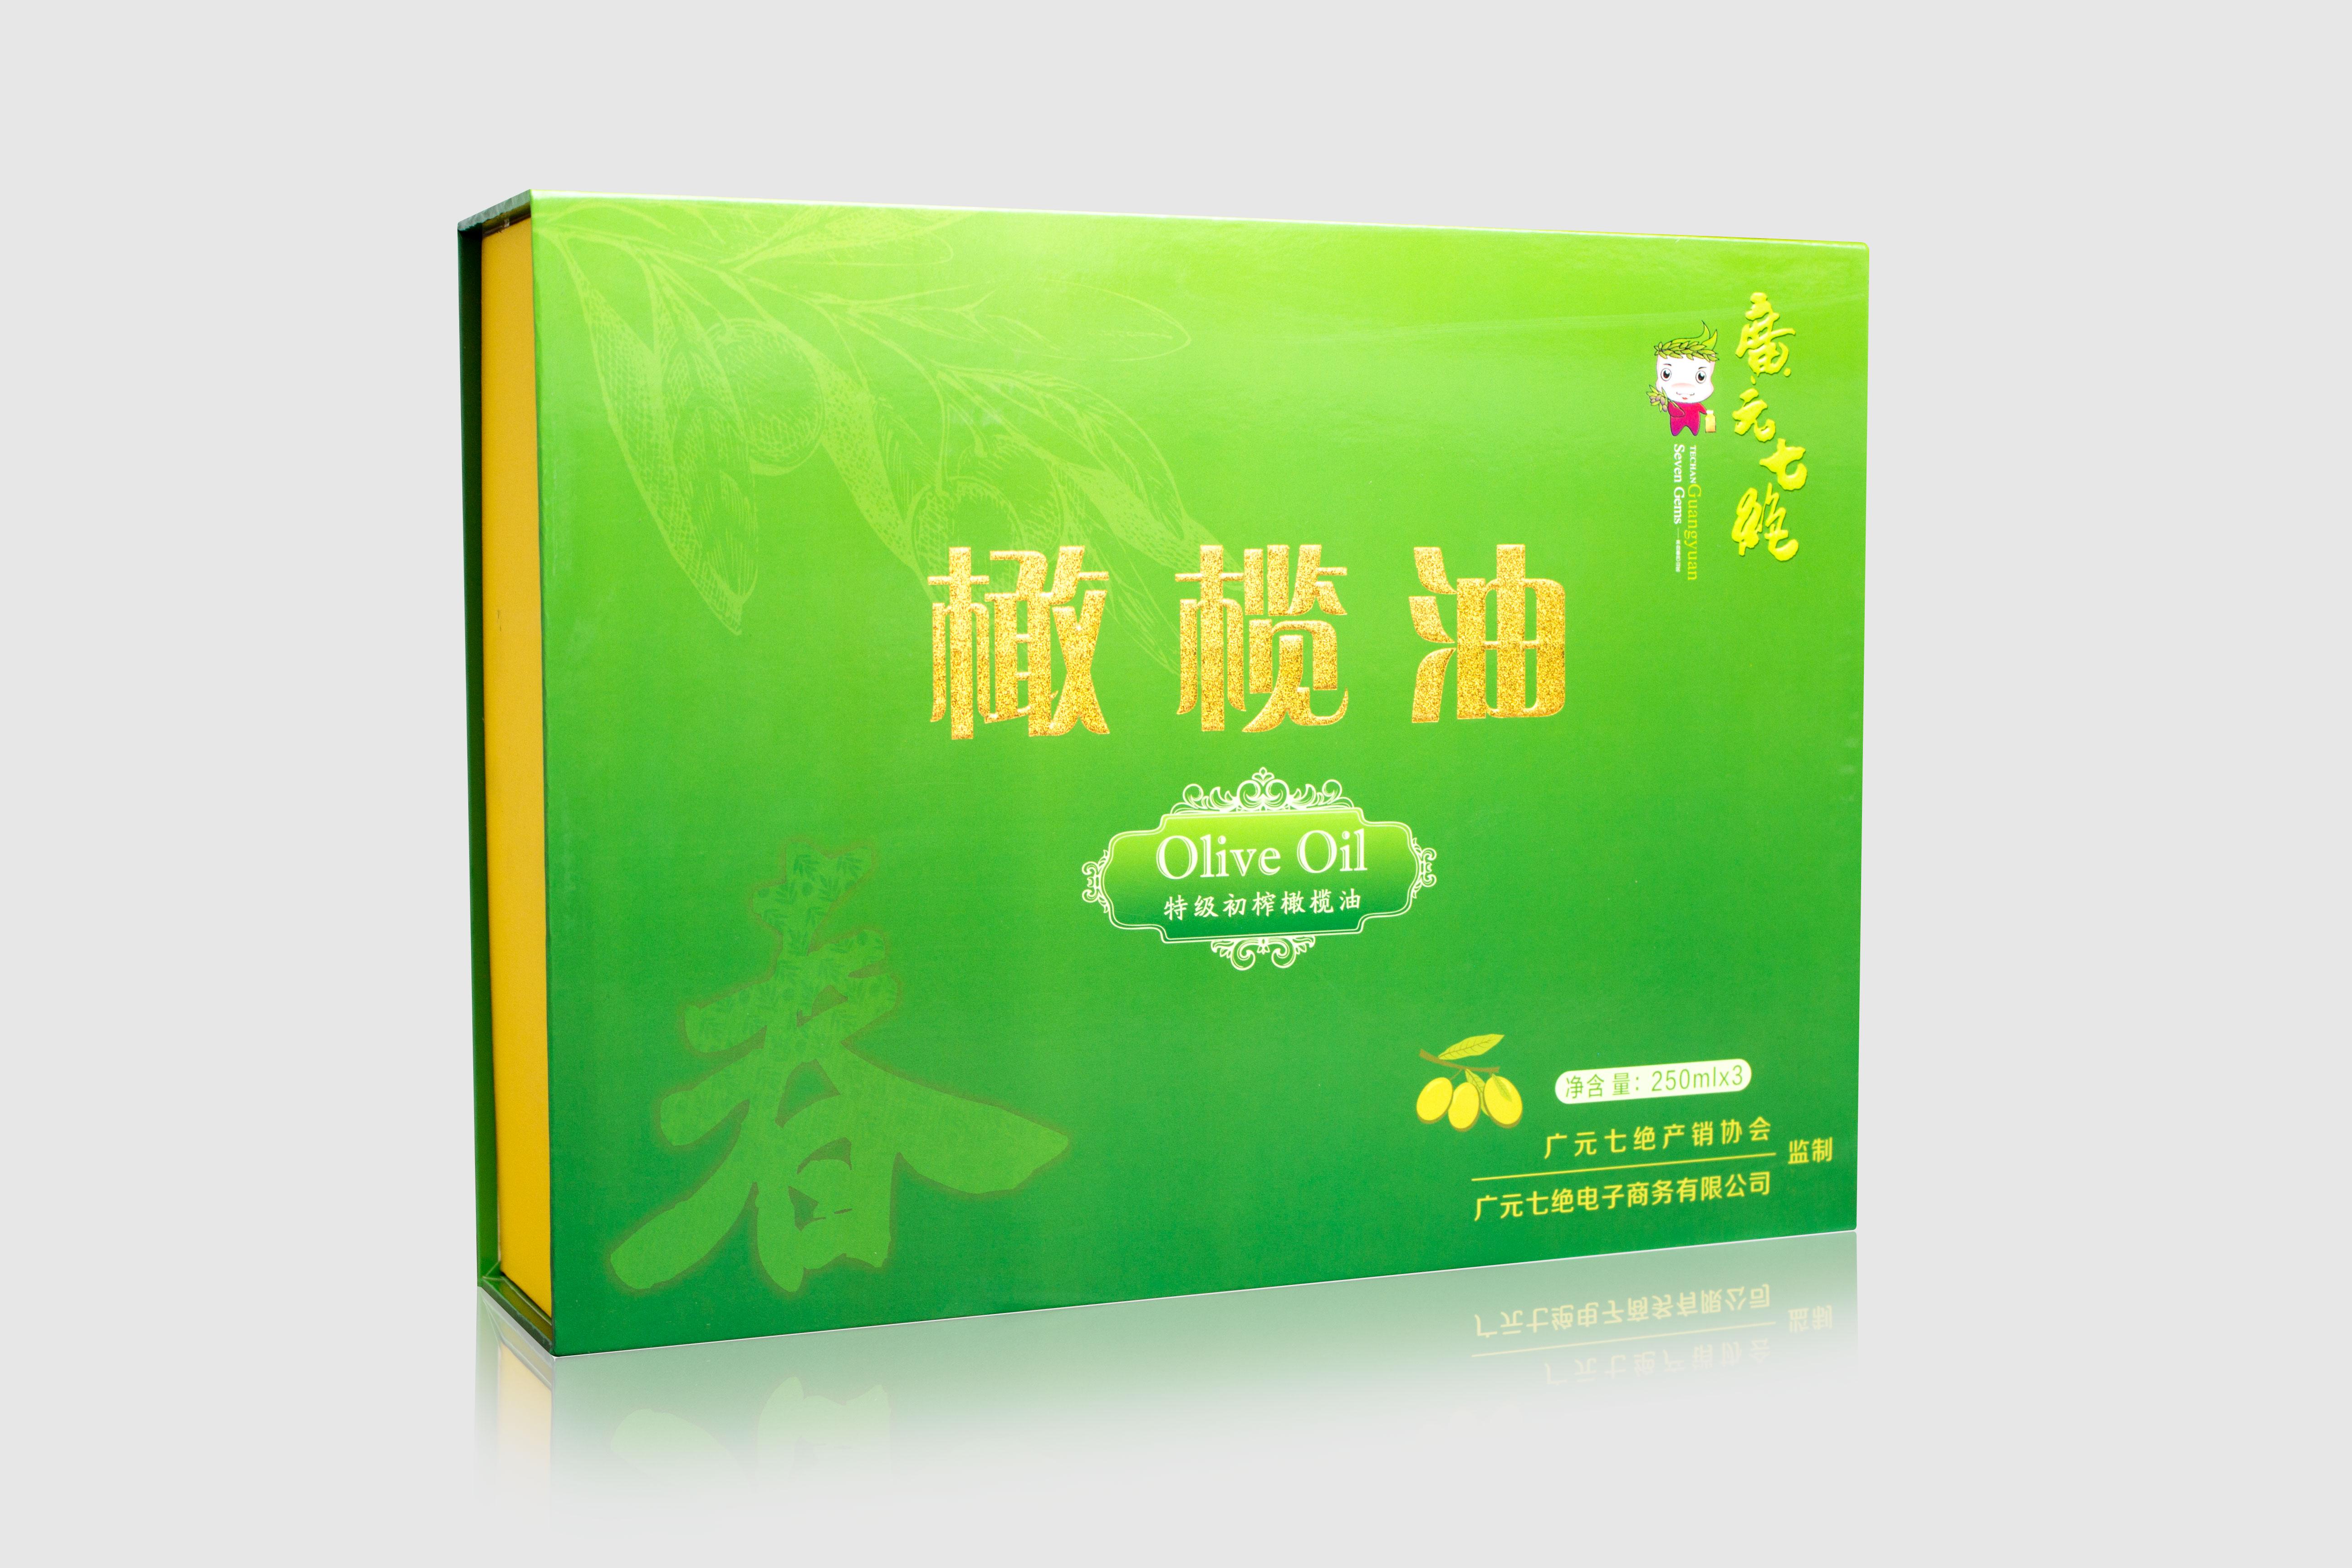 琉璃農场特级初榨橄榄油250ml*3春礼盒